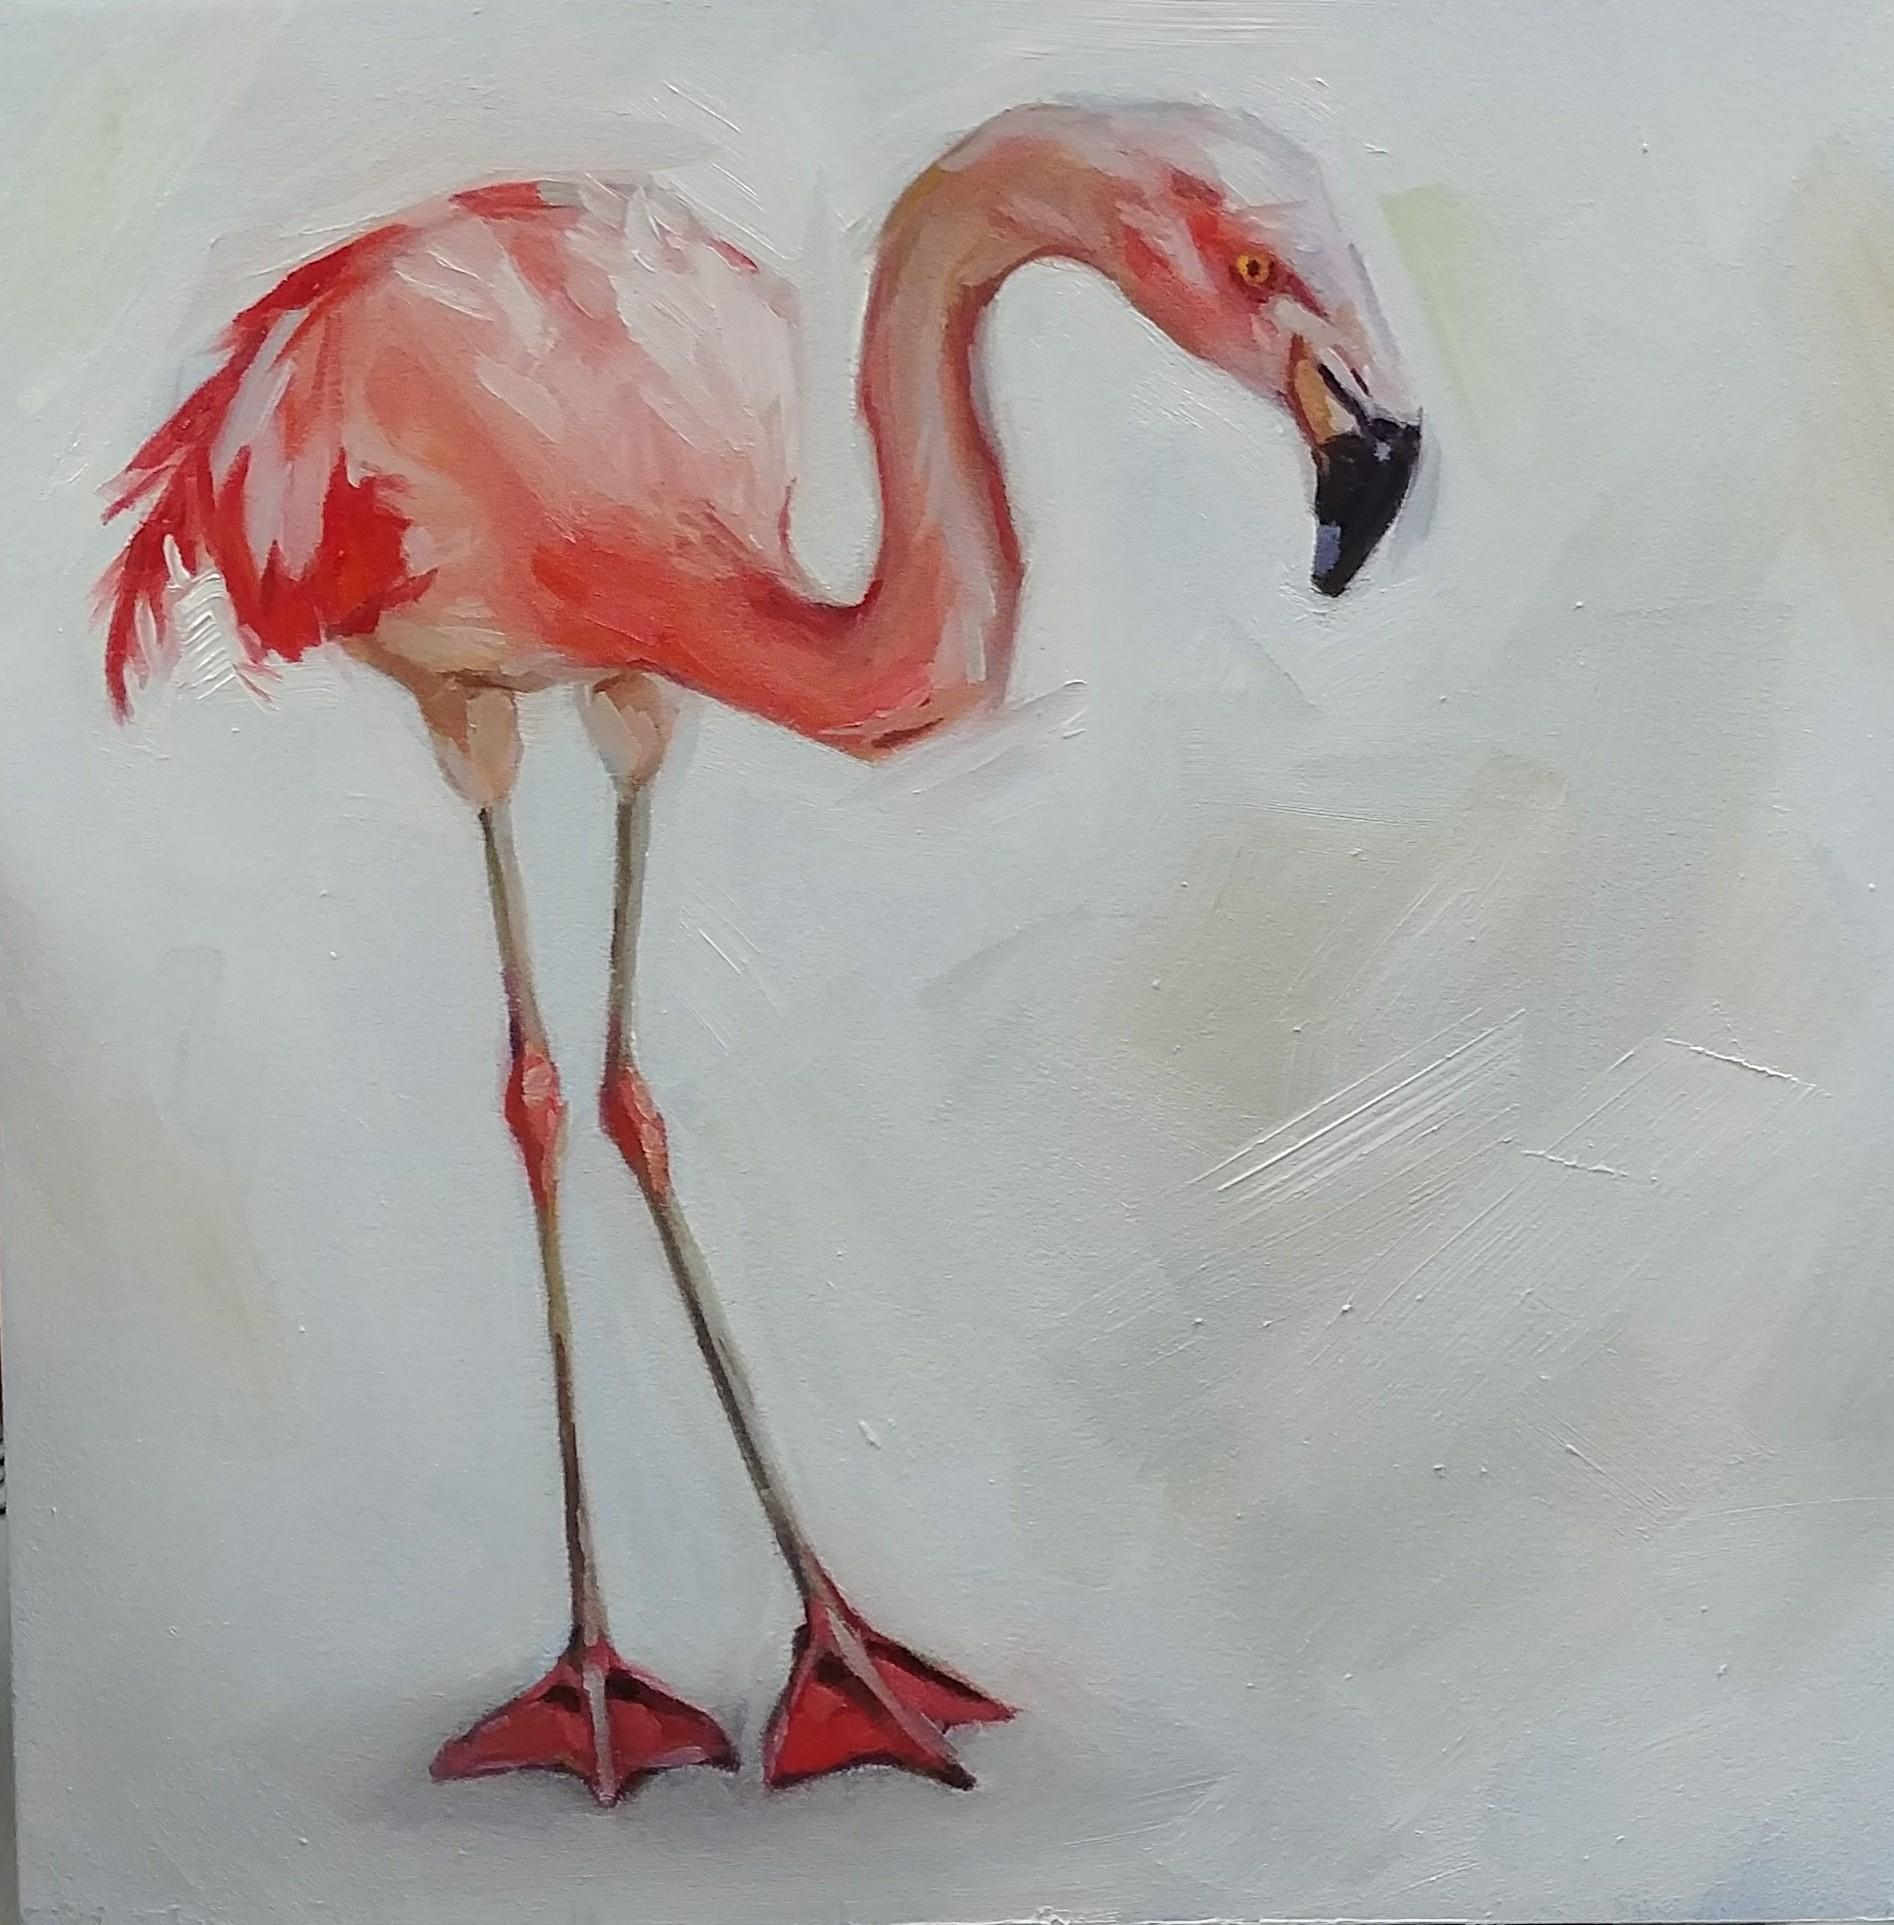 Flamingo, 8x8